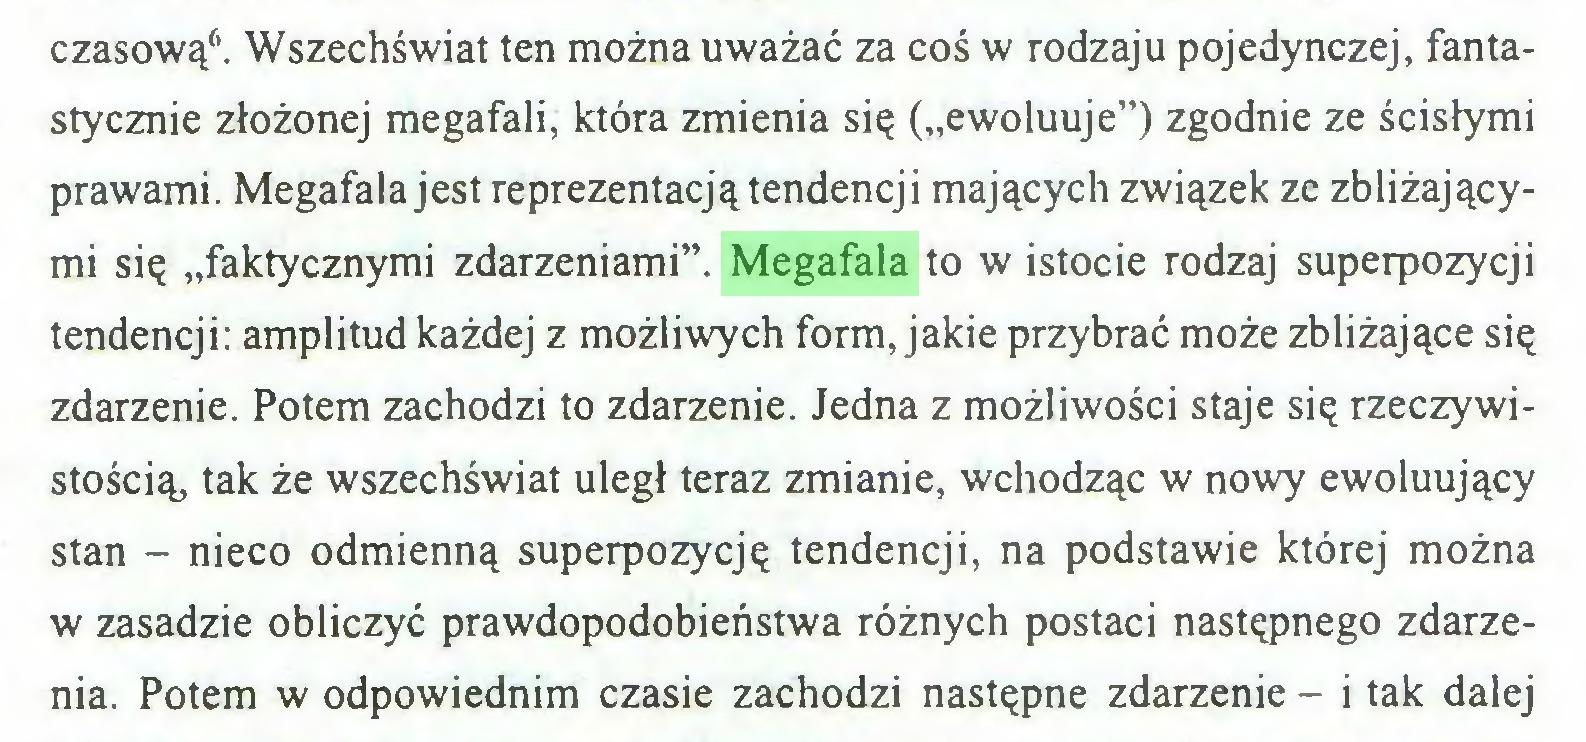 """(...) czasową6. Wszechświat ten można uważać za coś w rodzaju pojedynczej, fantastycznie złożonej megafali, która zmienia się (""""ewoluuje"""") zgodnie ze ścisłymi prawami. Megafala jest reprezentacją tendencji mających związek ze zbliżającymi się """"faktycznymi zdarzeniami"""". Megafala to w istocie rodzaj superpozycji tendencji: amplitud każdej z możliwych form, jakie przybrać może zbliżające się zdarzenie. Potem zachodzi to zdarzenie. Jedna z możliwości staje się rzeczywistością, tak że wszechświat uległ teraz zmianie, wchodząc w nowy ewoluujący stan - nieco odmienną superpozycję tendencji, na podstawie której można w zasadzie obliczyć prawdopodobieństwa różnych postaci następnego zdarzenia. Potem w odpowiednim czasie zachodzi następne zdarzenie - i tak dalej..."""